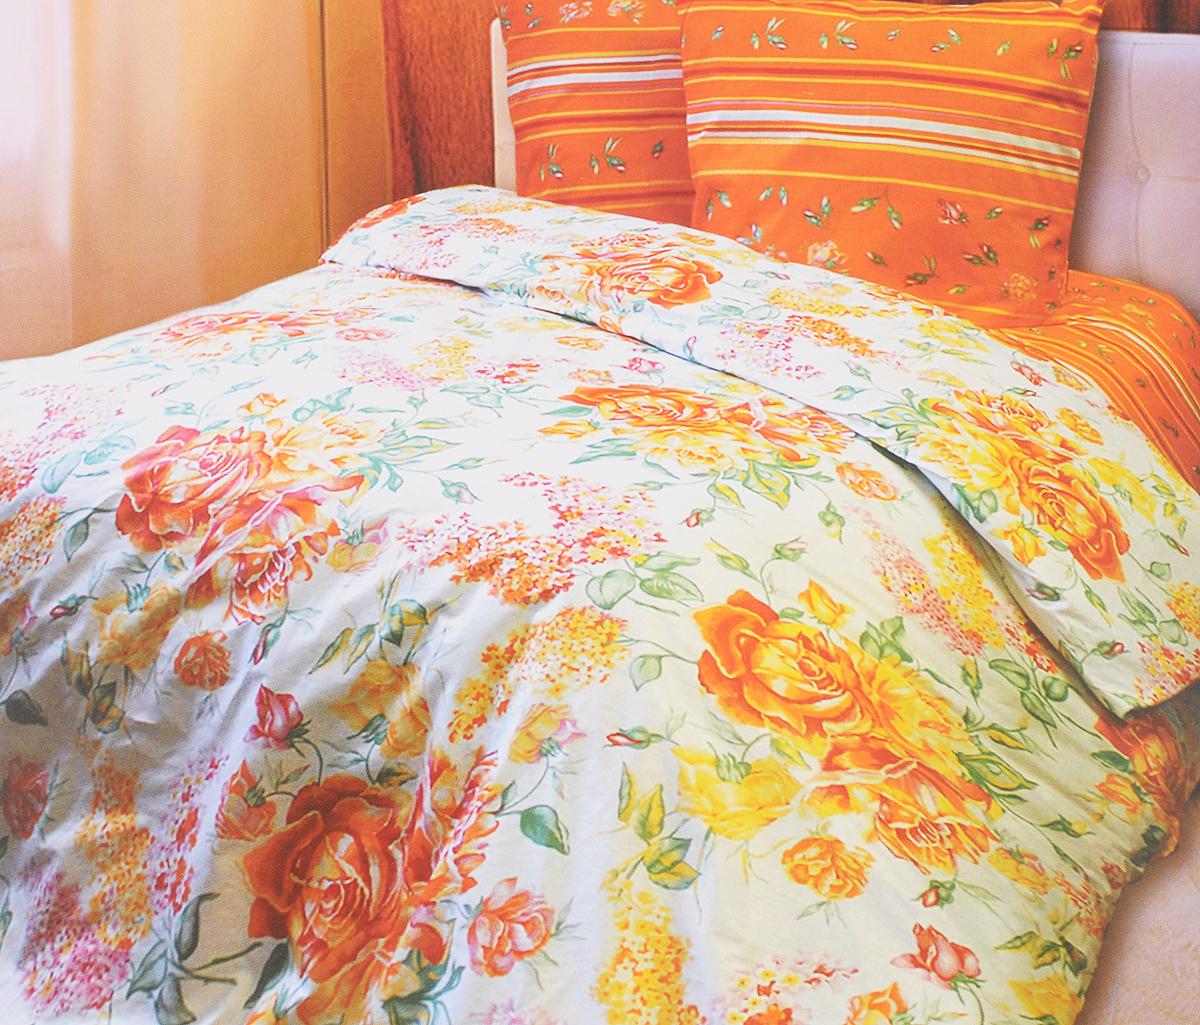 Комплект белья Катюша Сюзанна, евро, наволочки 50х70, цвет: белый, оранжевыйC-114/3839Комплект постельного белья Катюша Сюзанна является экологически безопасным для всей семьи, так как выполнен из бязи (100% хлопок). Комплект состоит из пододеяльника, простыни и двух наволочек. Постельное белье оформлено оригинальным рисунком и имеет изысканный внешний вид. Бязь - это ткань полотняного переплетения, изготовленная из экологически чистого и натурального 100% хлопка. Она прочная, мягкая, обладает низкой сминаемостью, легко стирается и хорошо гладится. Бязь прекрасно пропускает воздух, и за ней легко ухаживать. При соблюдении рекомендуемых условий стирки, сушки и глажения ткань имеет усадку по ГОСТу, сохранятся яркость текстильных рисунков. Приобретая комплект постельного белья Катюша Сюзанна, вы можете быть уверены в том, что покупка доставит вам и вашим близким удовольствие и подарит максимальный комфорт.